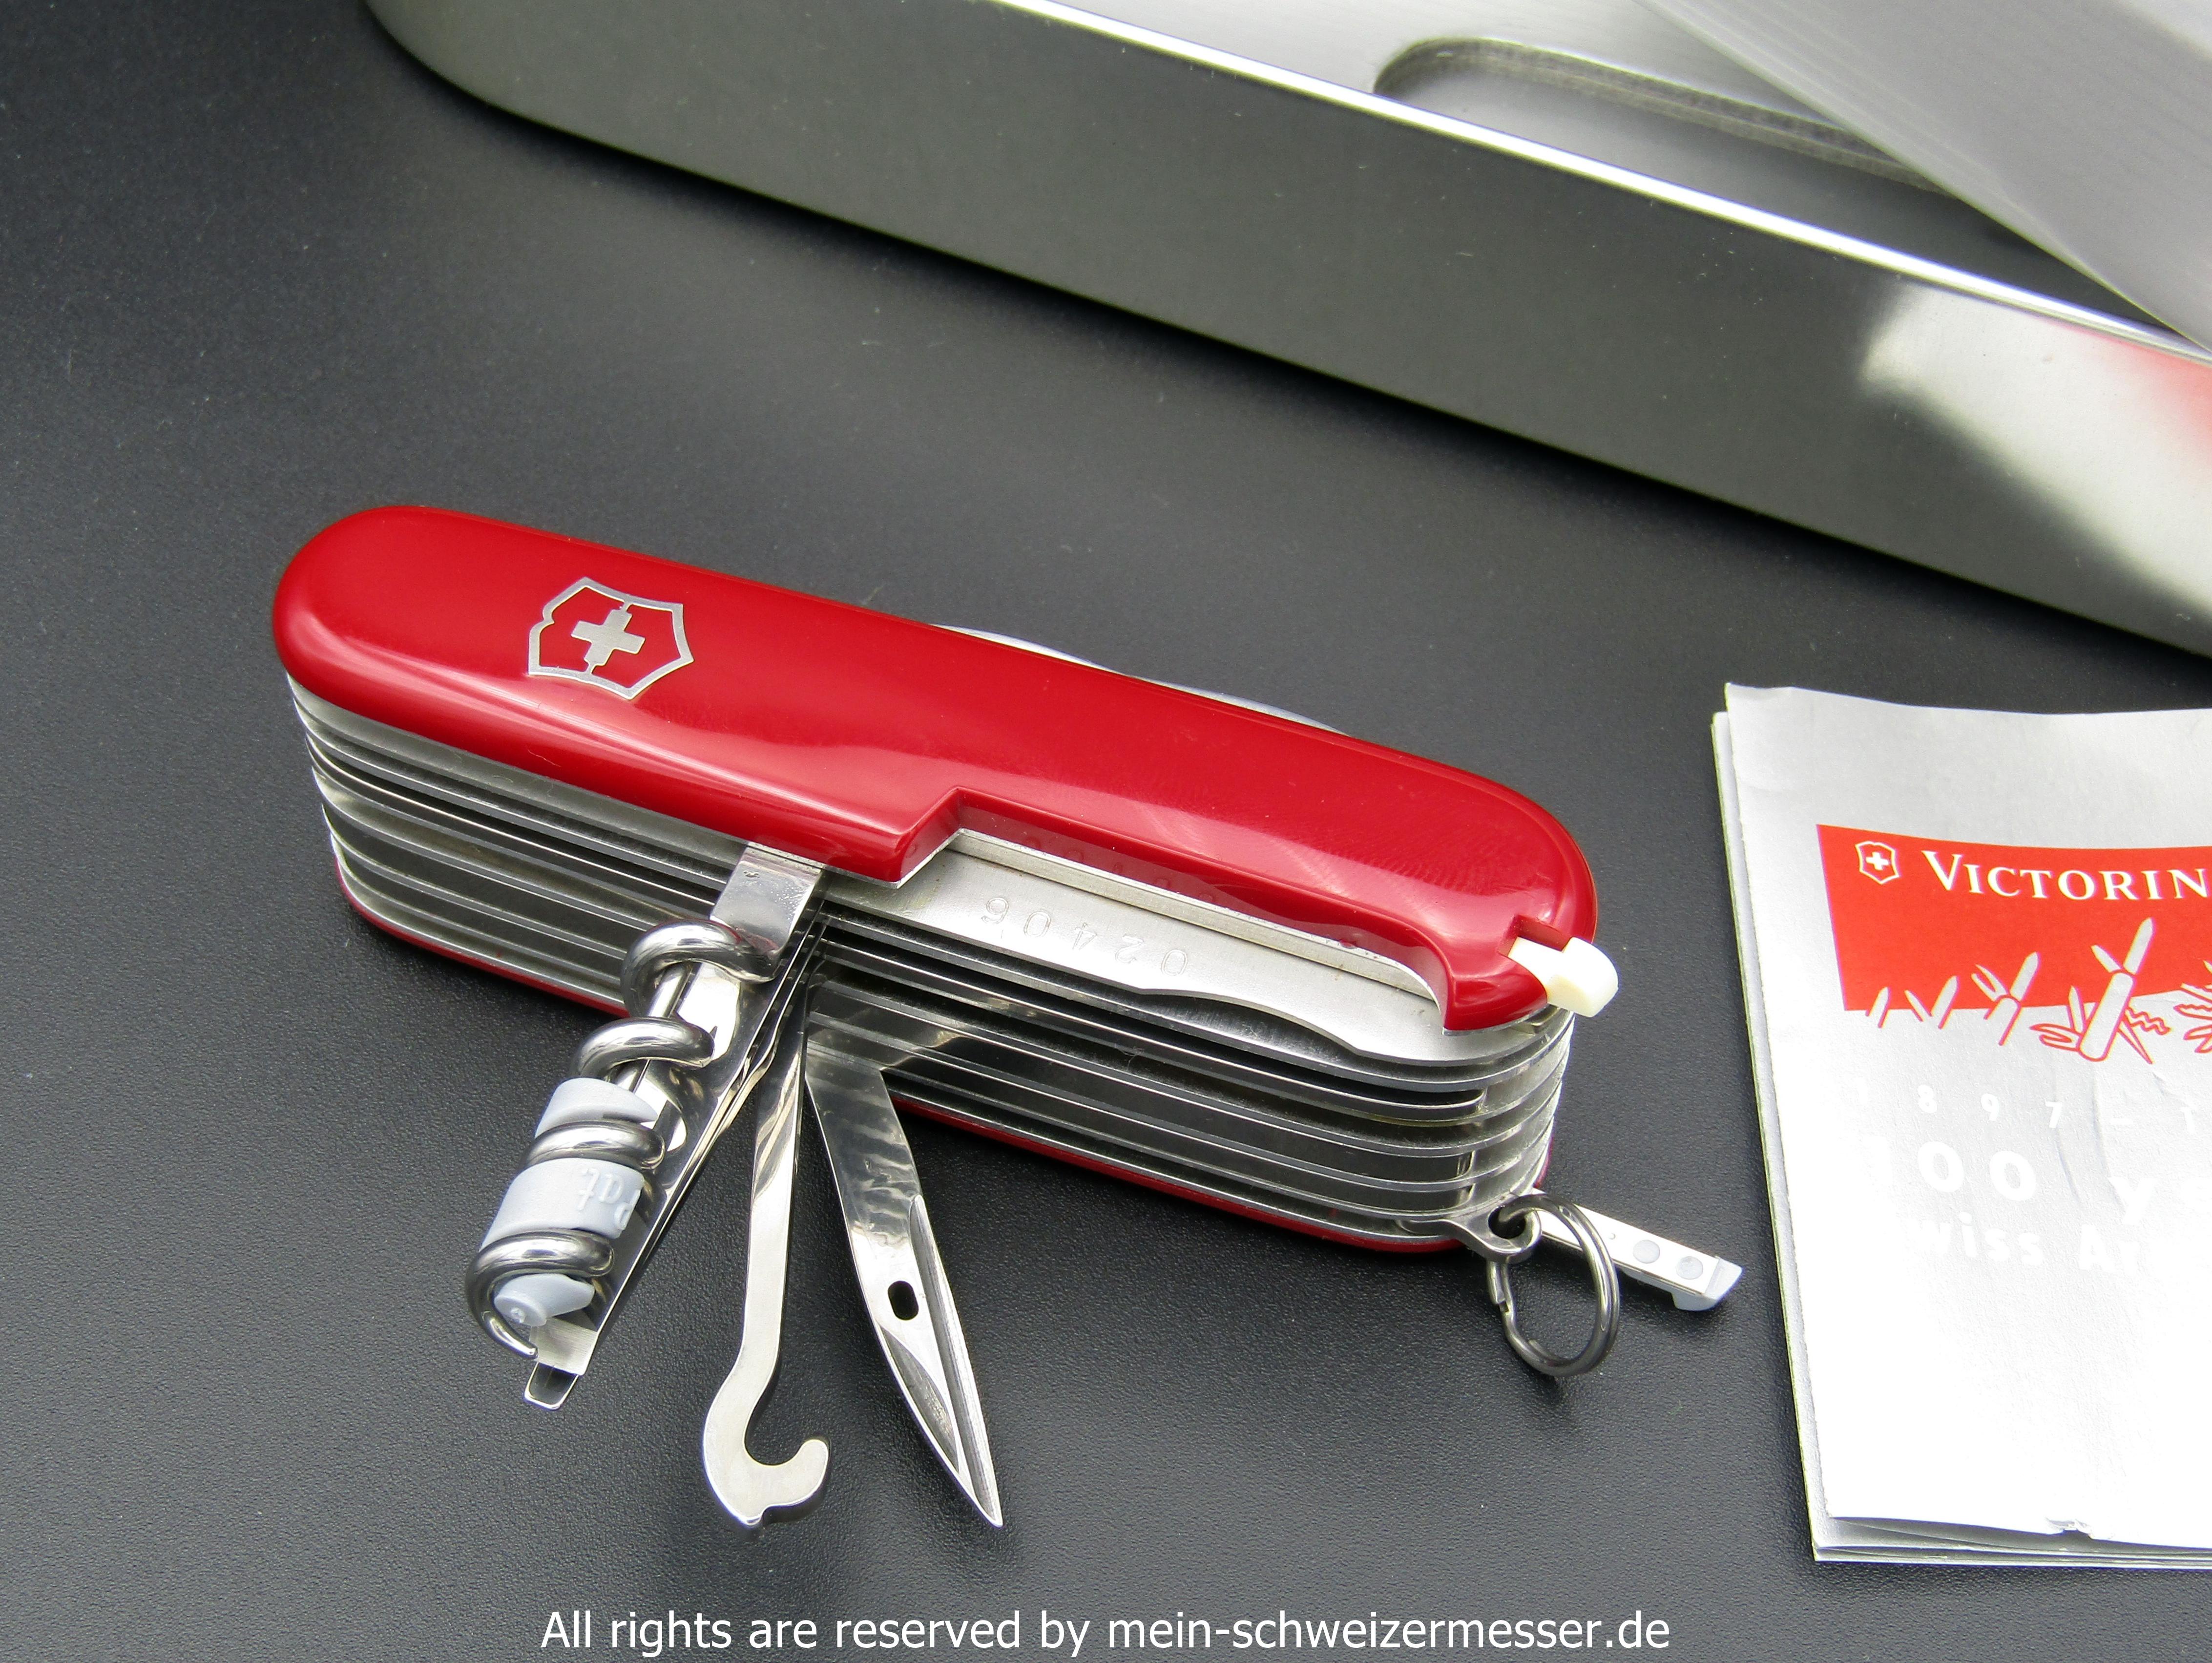 Mein Schweizermesser Victorinox Sammlermesser Swisschamp